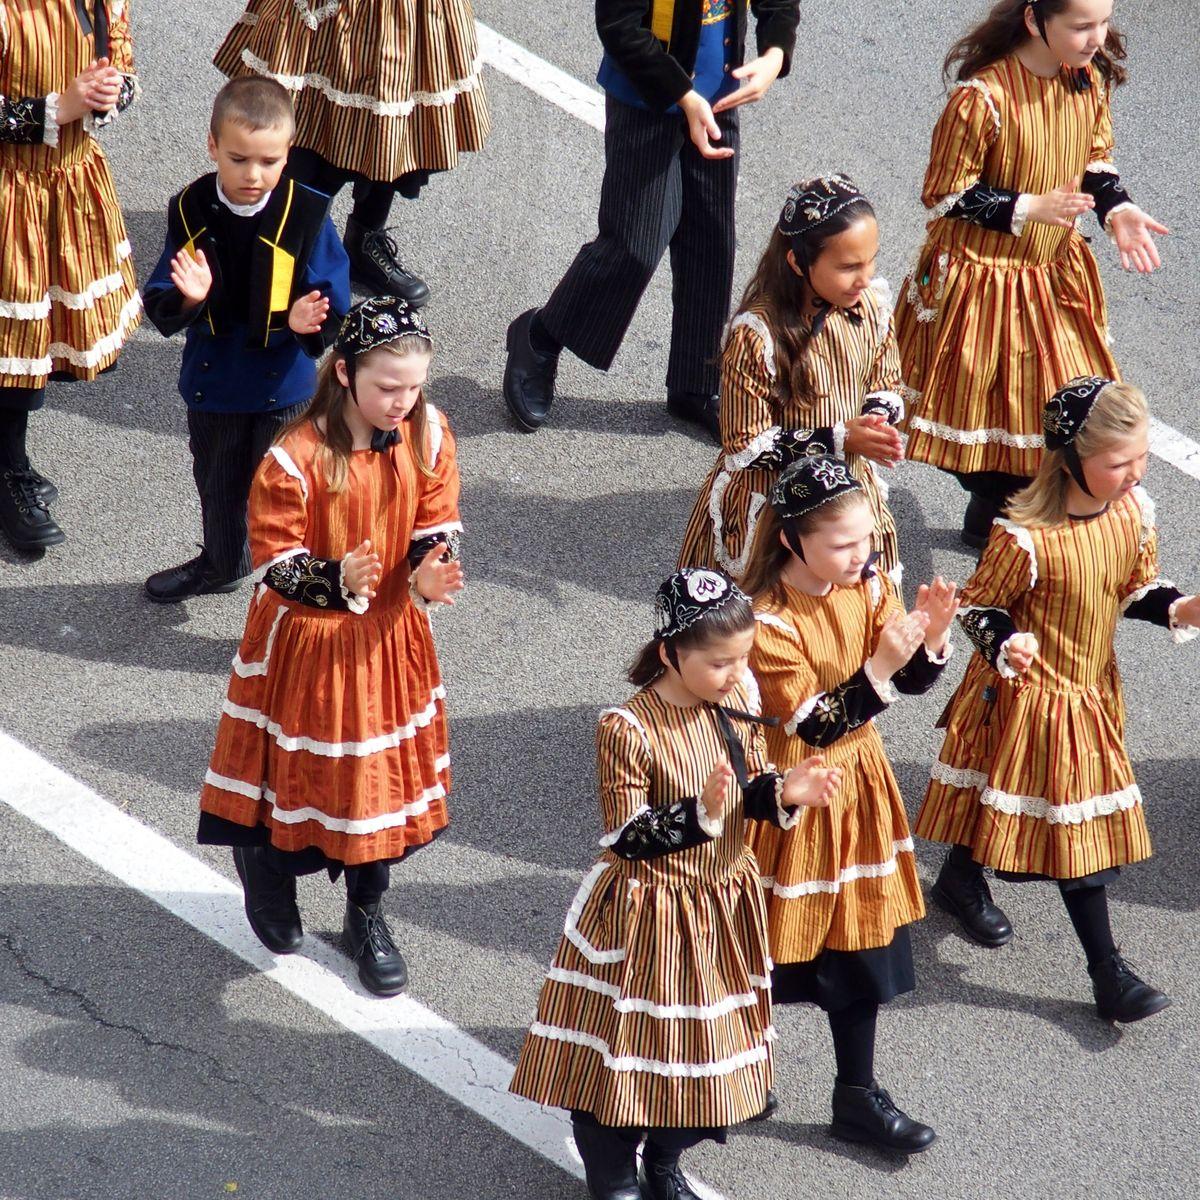 Petits danseurs bretons Festival de Cornouaille Quimper